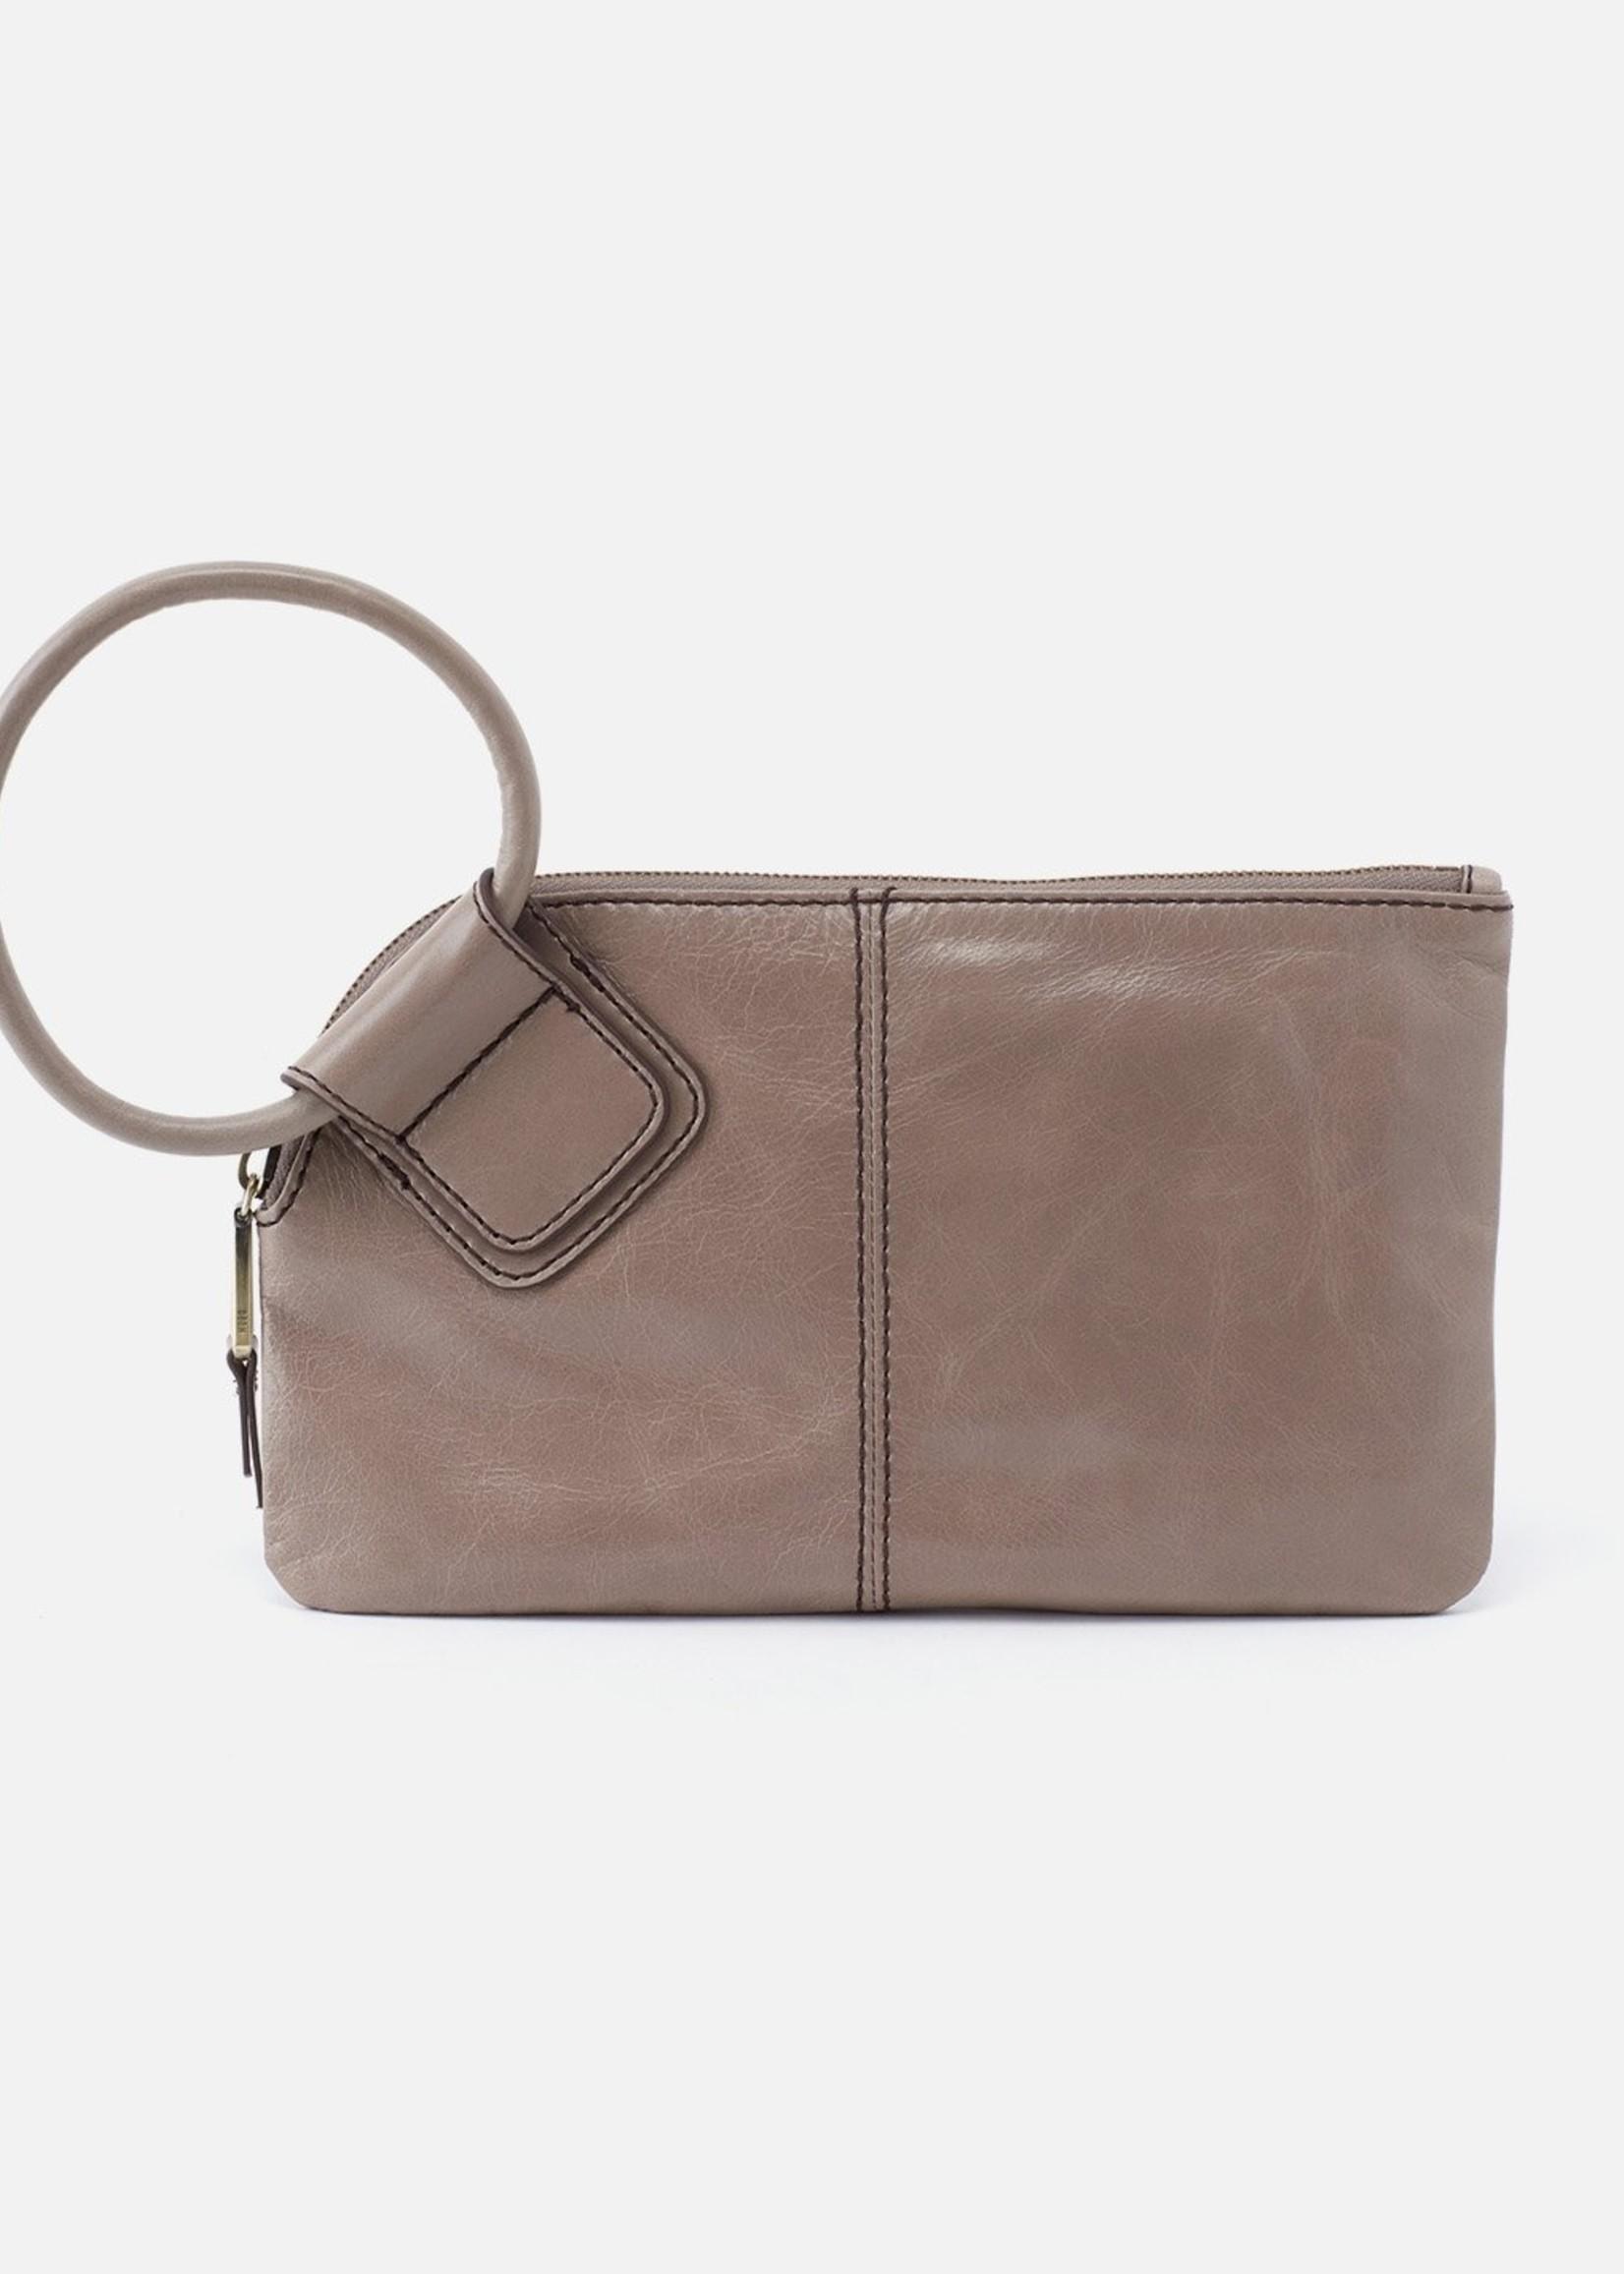 HOBO Bags Sable Wristlet Ash